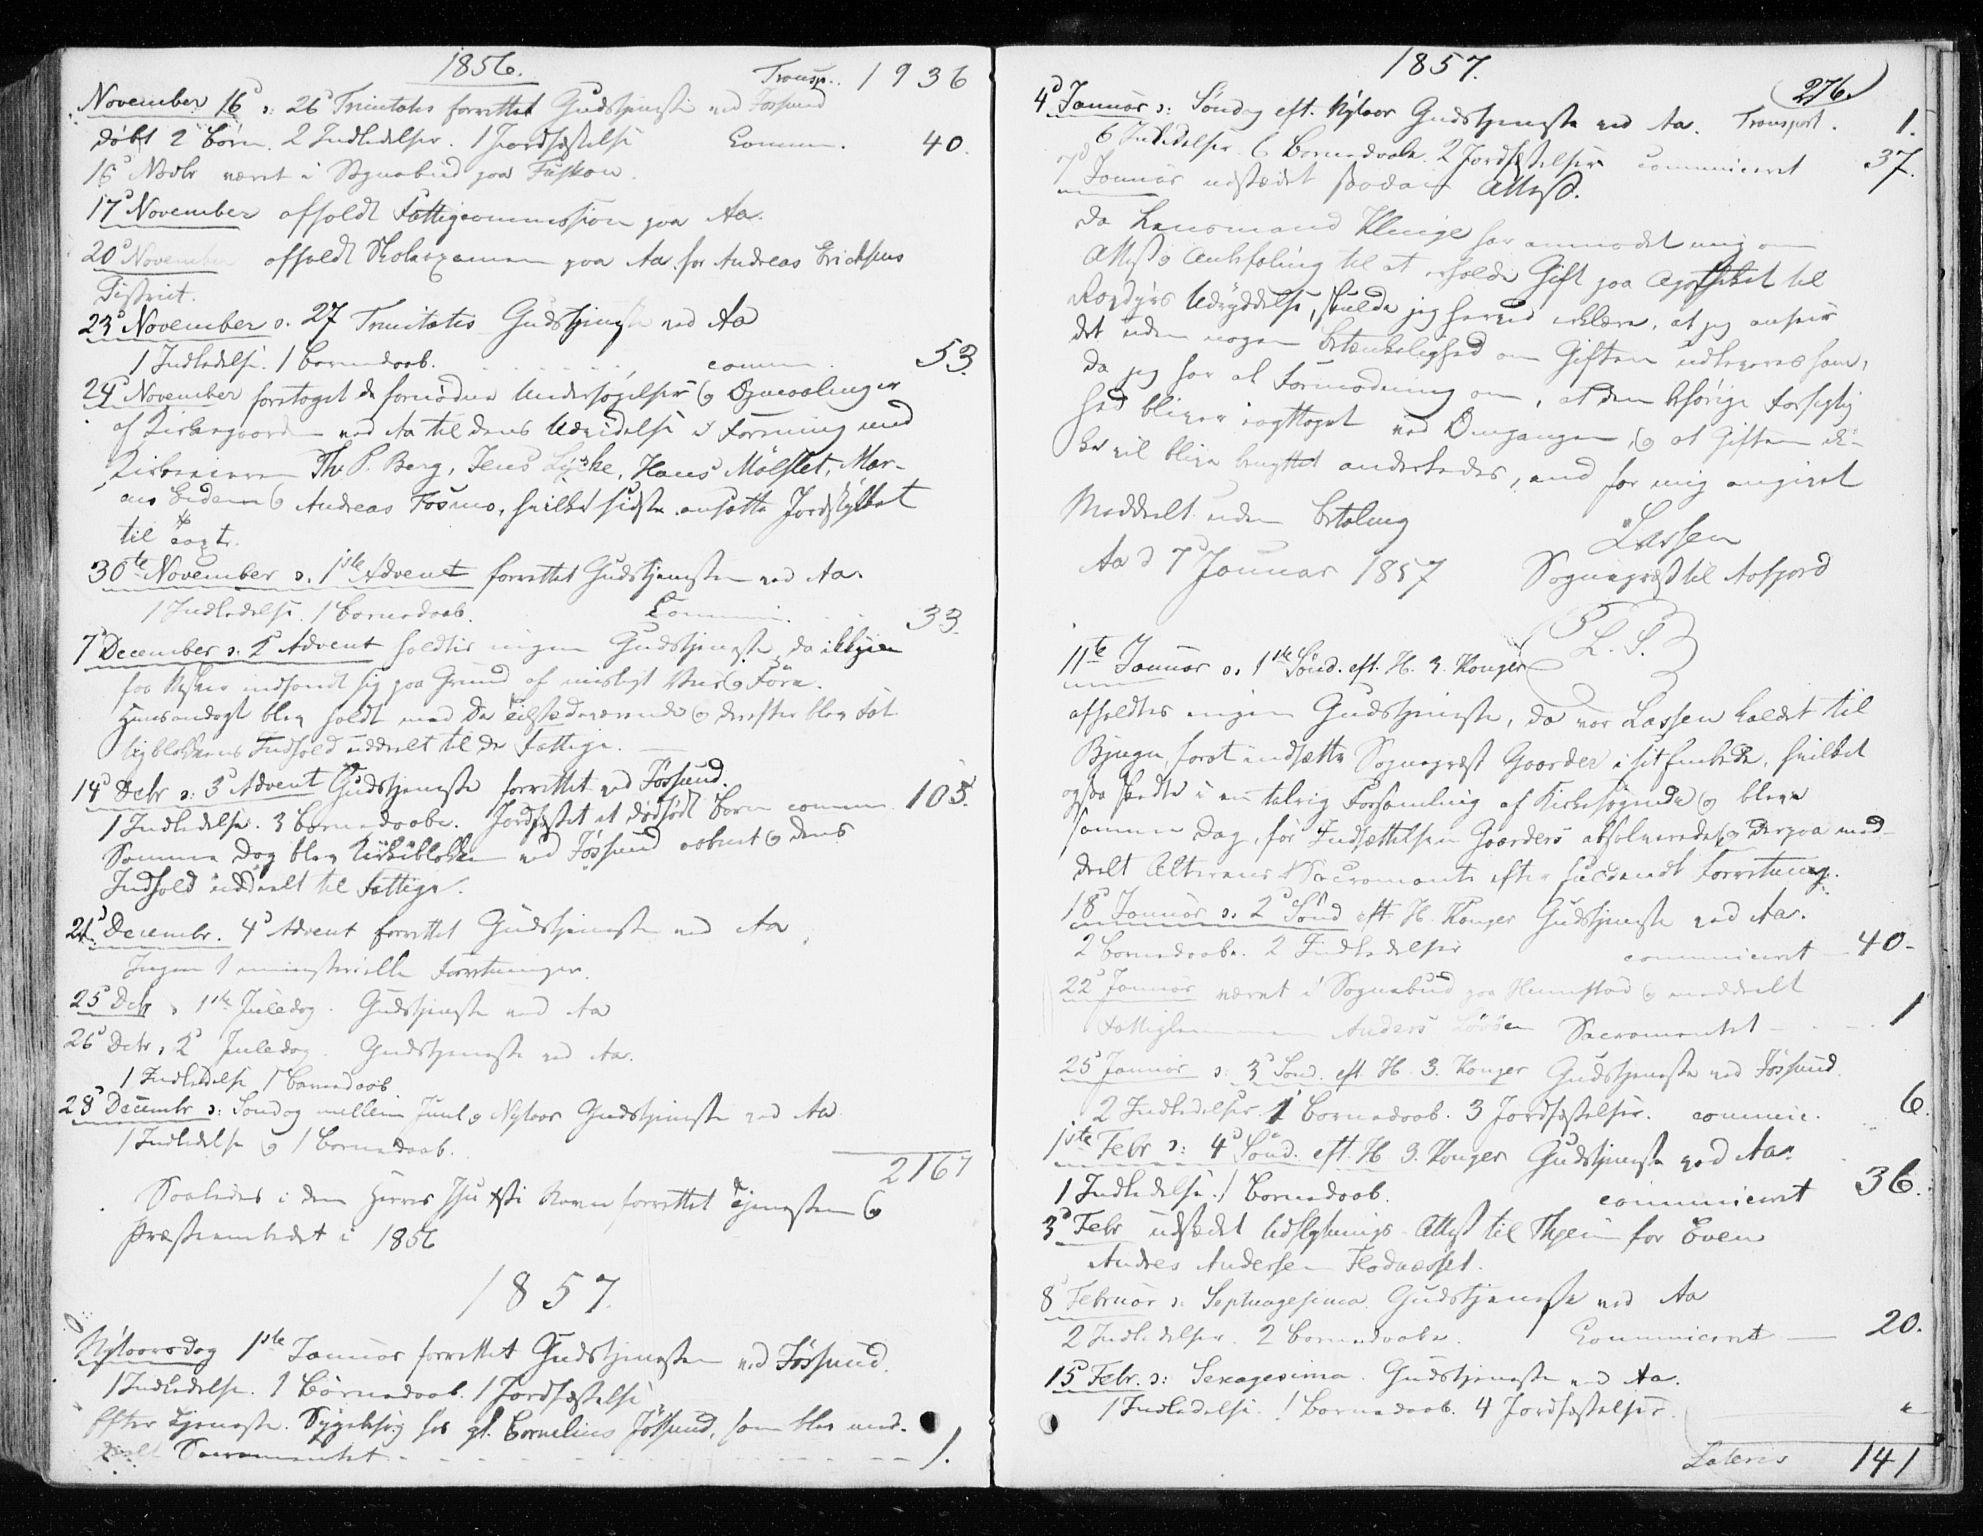 SAT, Ministerialprotokoller, klokkerbøker og fødselsregistre - Sør-Trøndelag, 655/L0677: Ministerialbok nr. 655A06, 1847-1860, s. 276